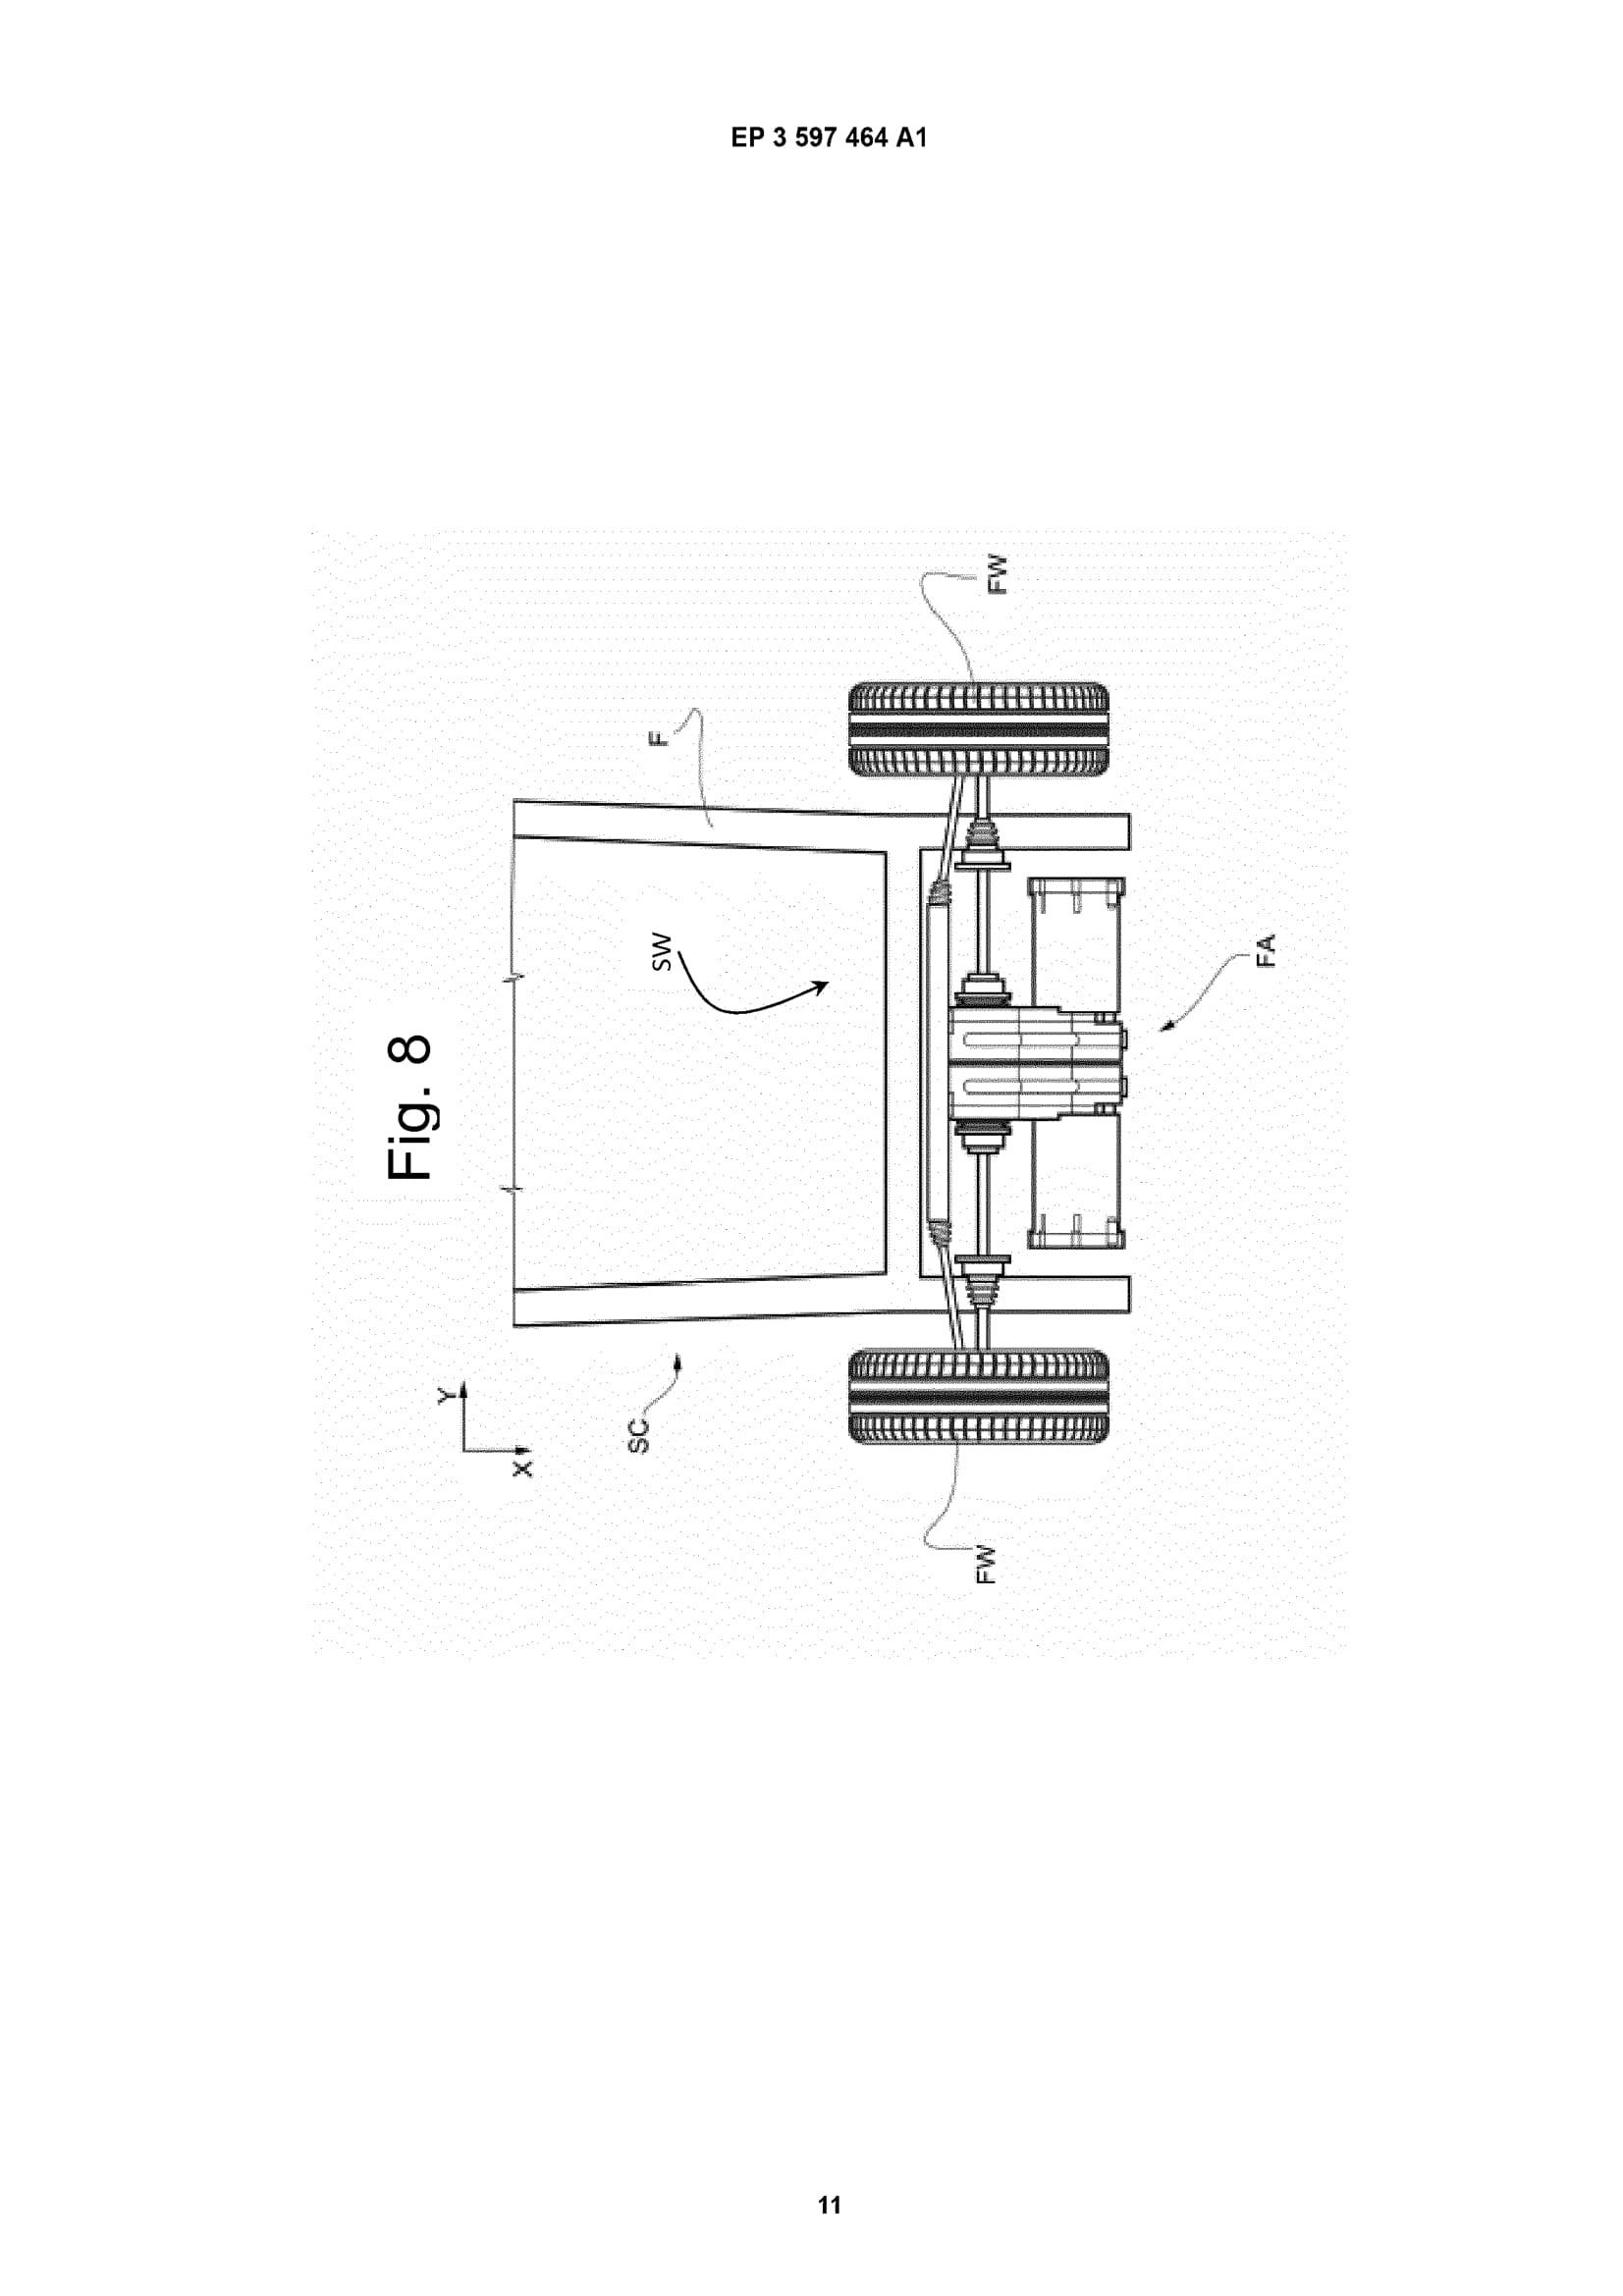 Ferrari-Electric-patent-11